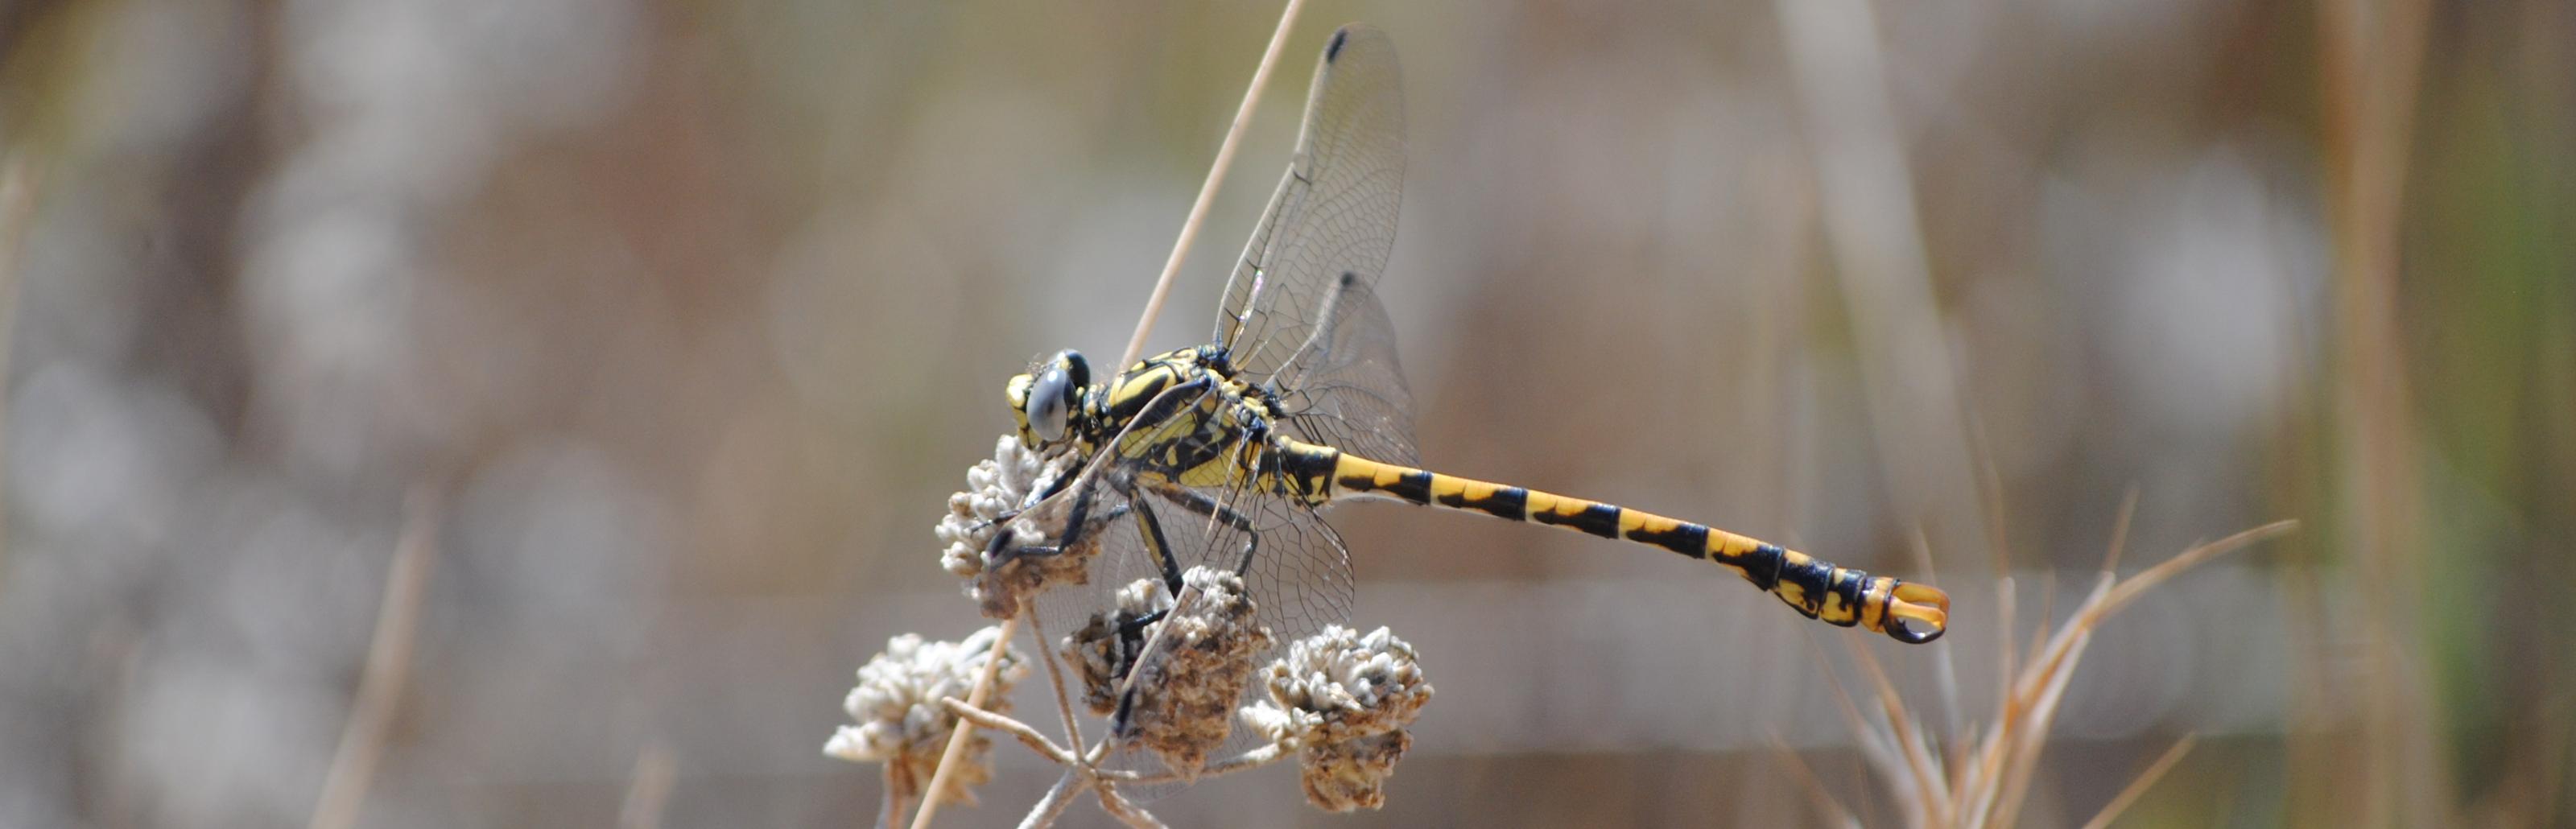 Libélula protegida en Castilla-La Mancha: Onychogomphus uncatus